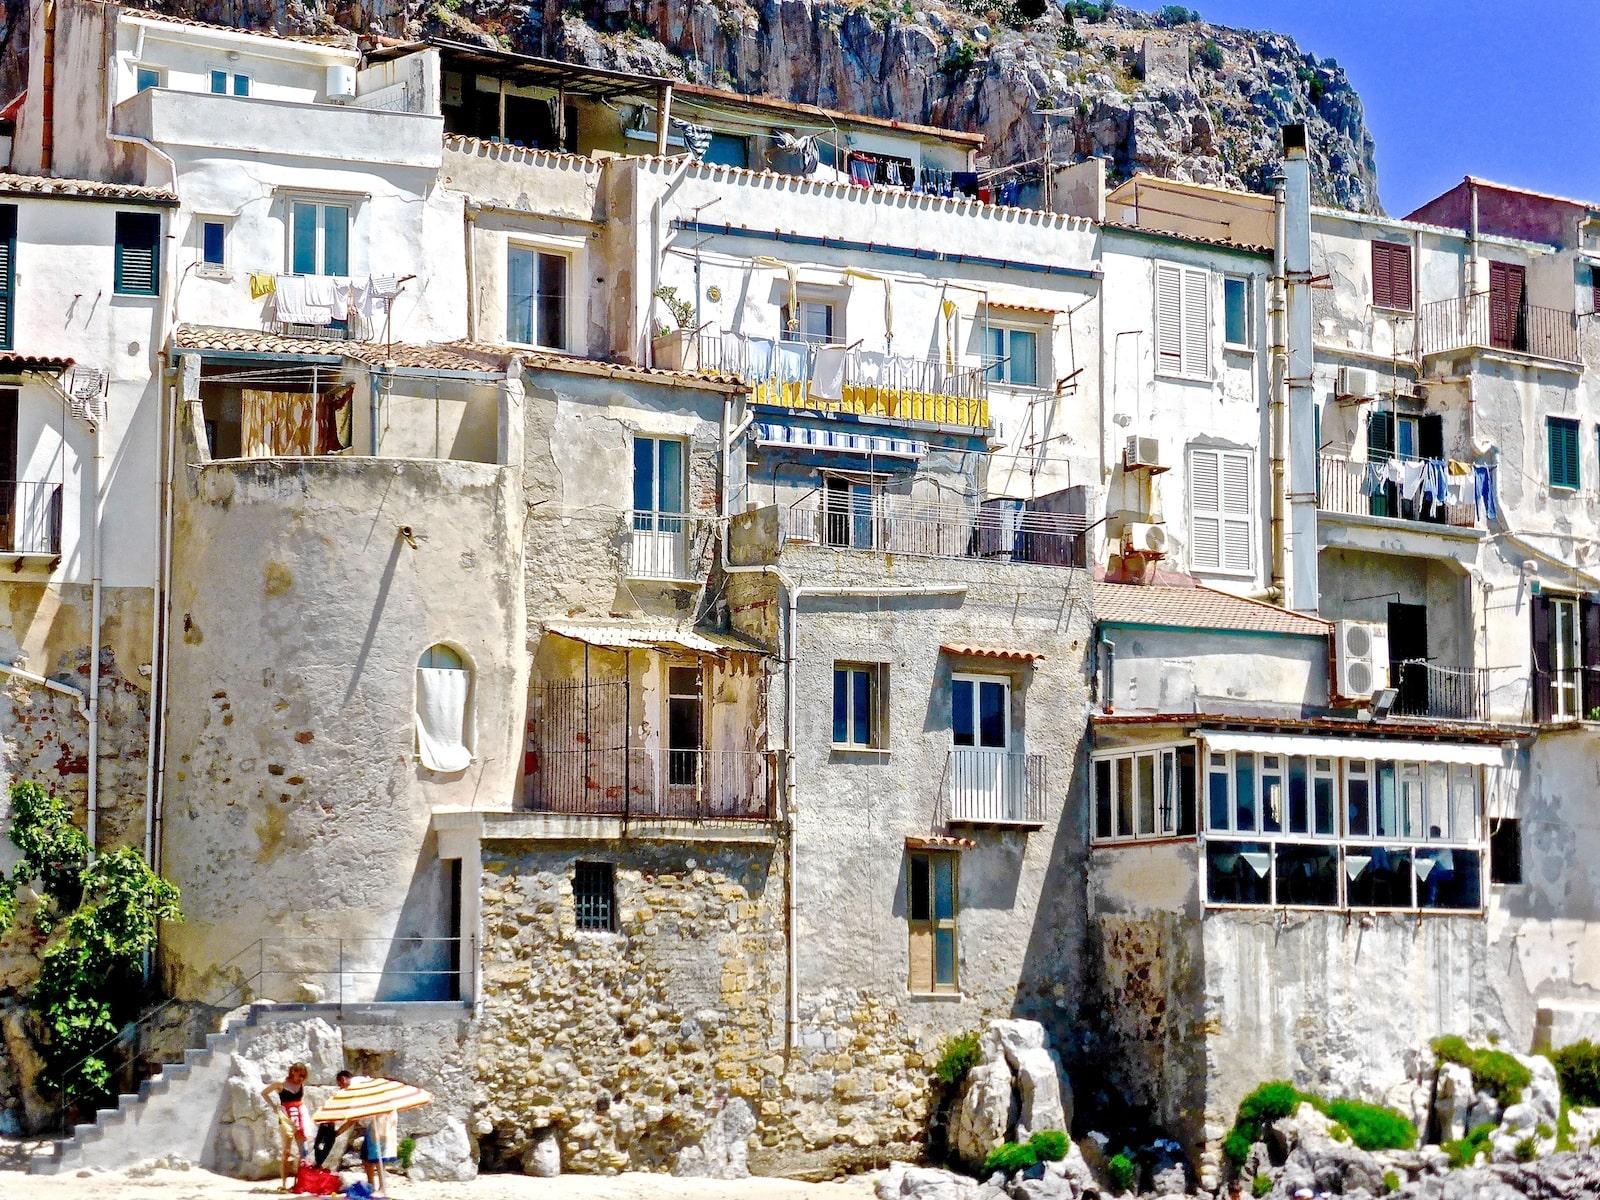 Дом в сицилии за 1 евро где выгодно купить квартиру за границей